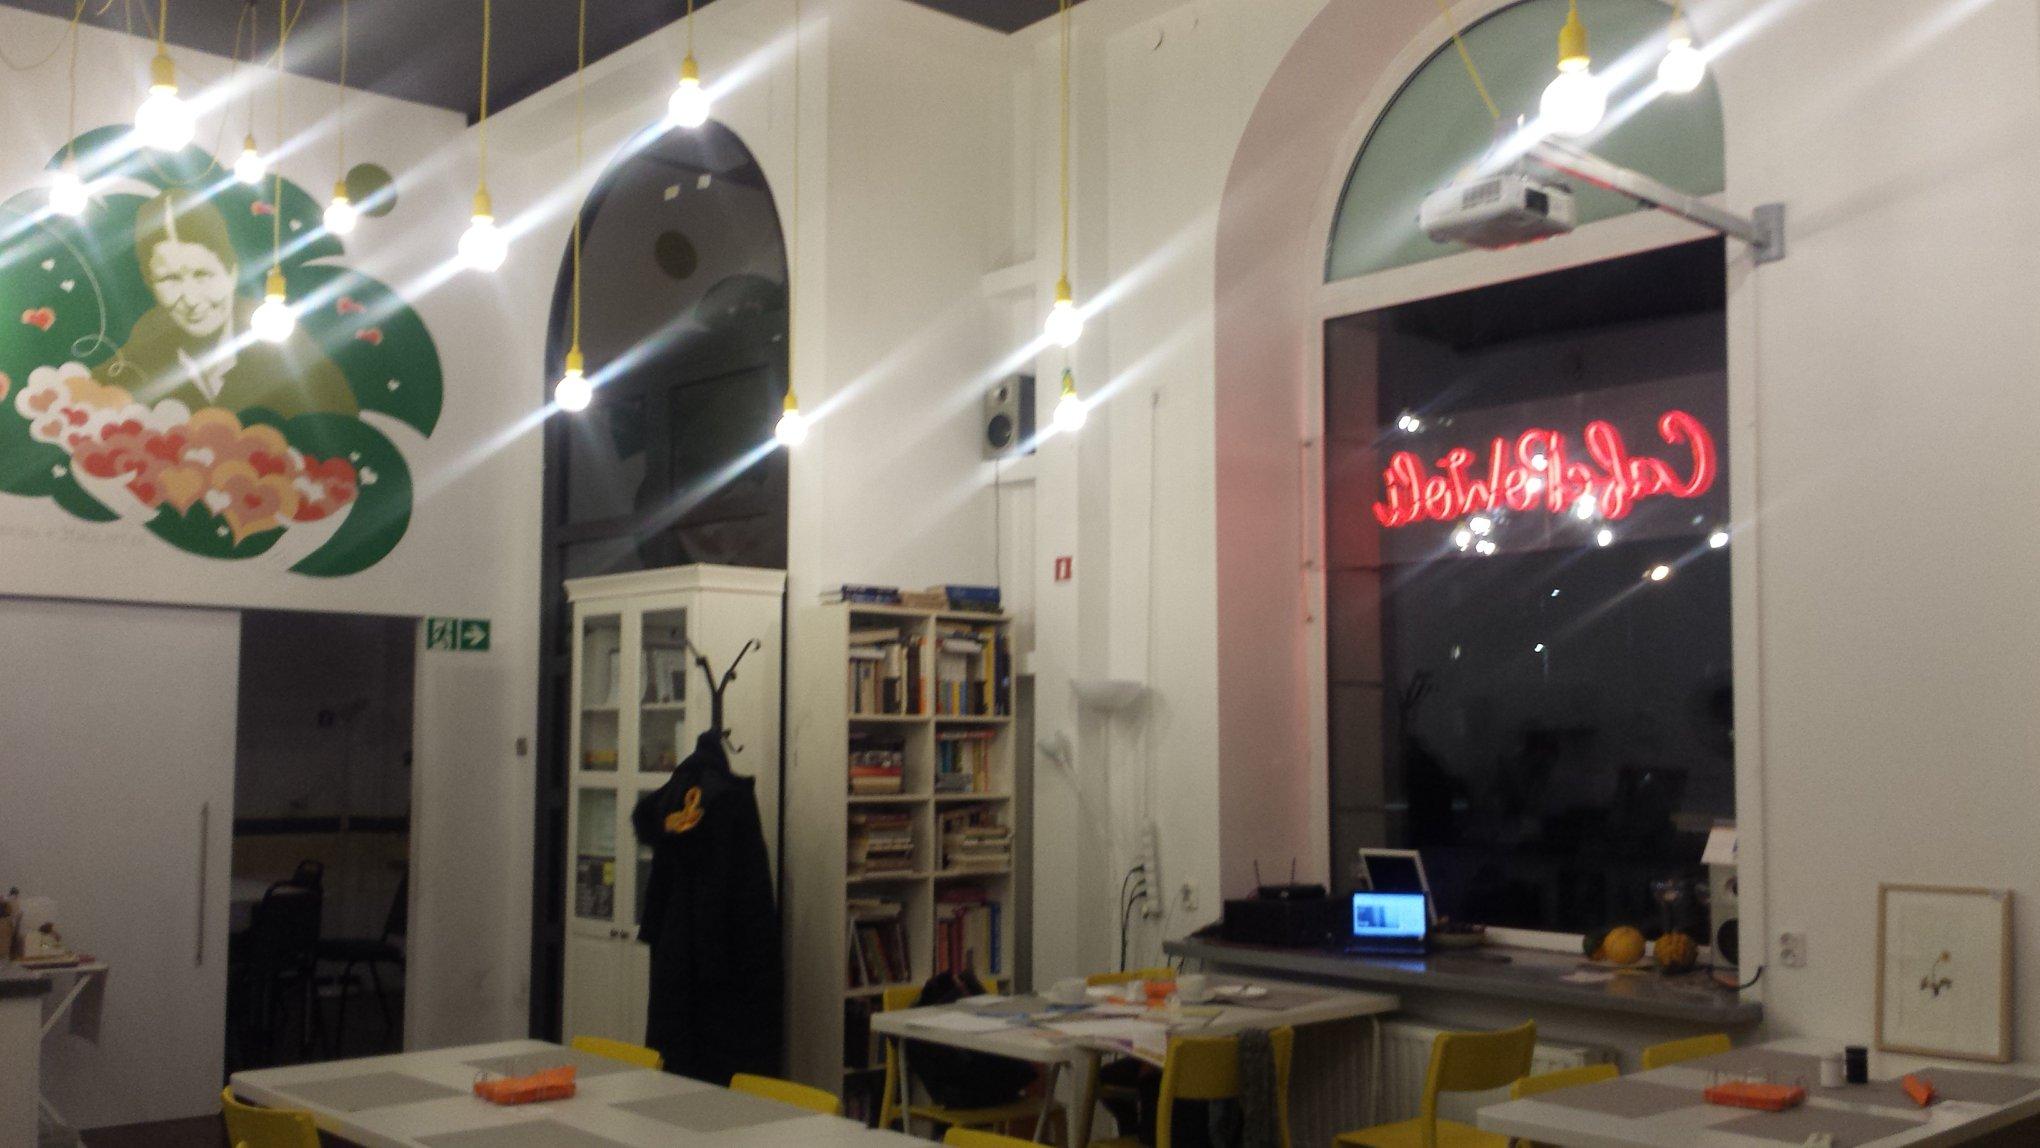 Step in Warsaw - Stadtführerin in Warschau. Ein gemütliches Kulturcafé Café PoWoli (Warschau, Smocza Straße Nr 3). Es is ein stimmungsvoller Platz mit gesellschaftlichen Werten, der Behinderte einstellt. Man sollte solche Projekte unterstützen!